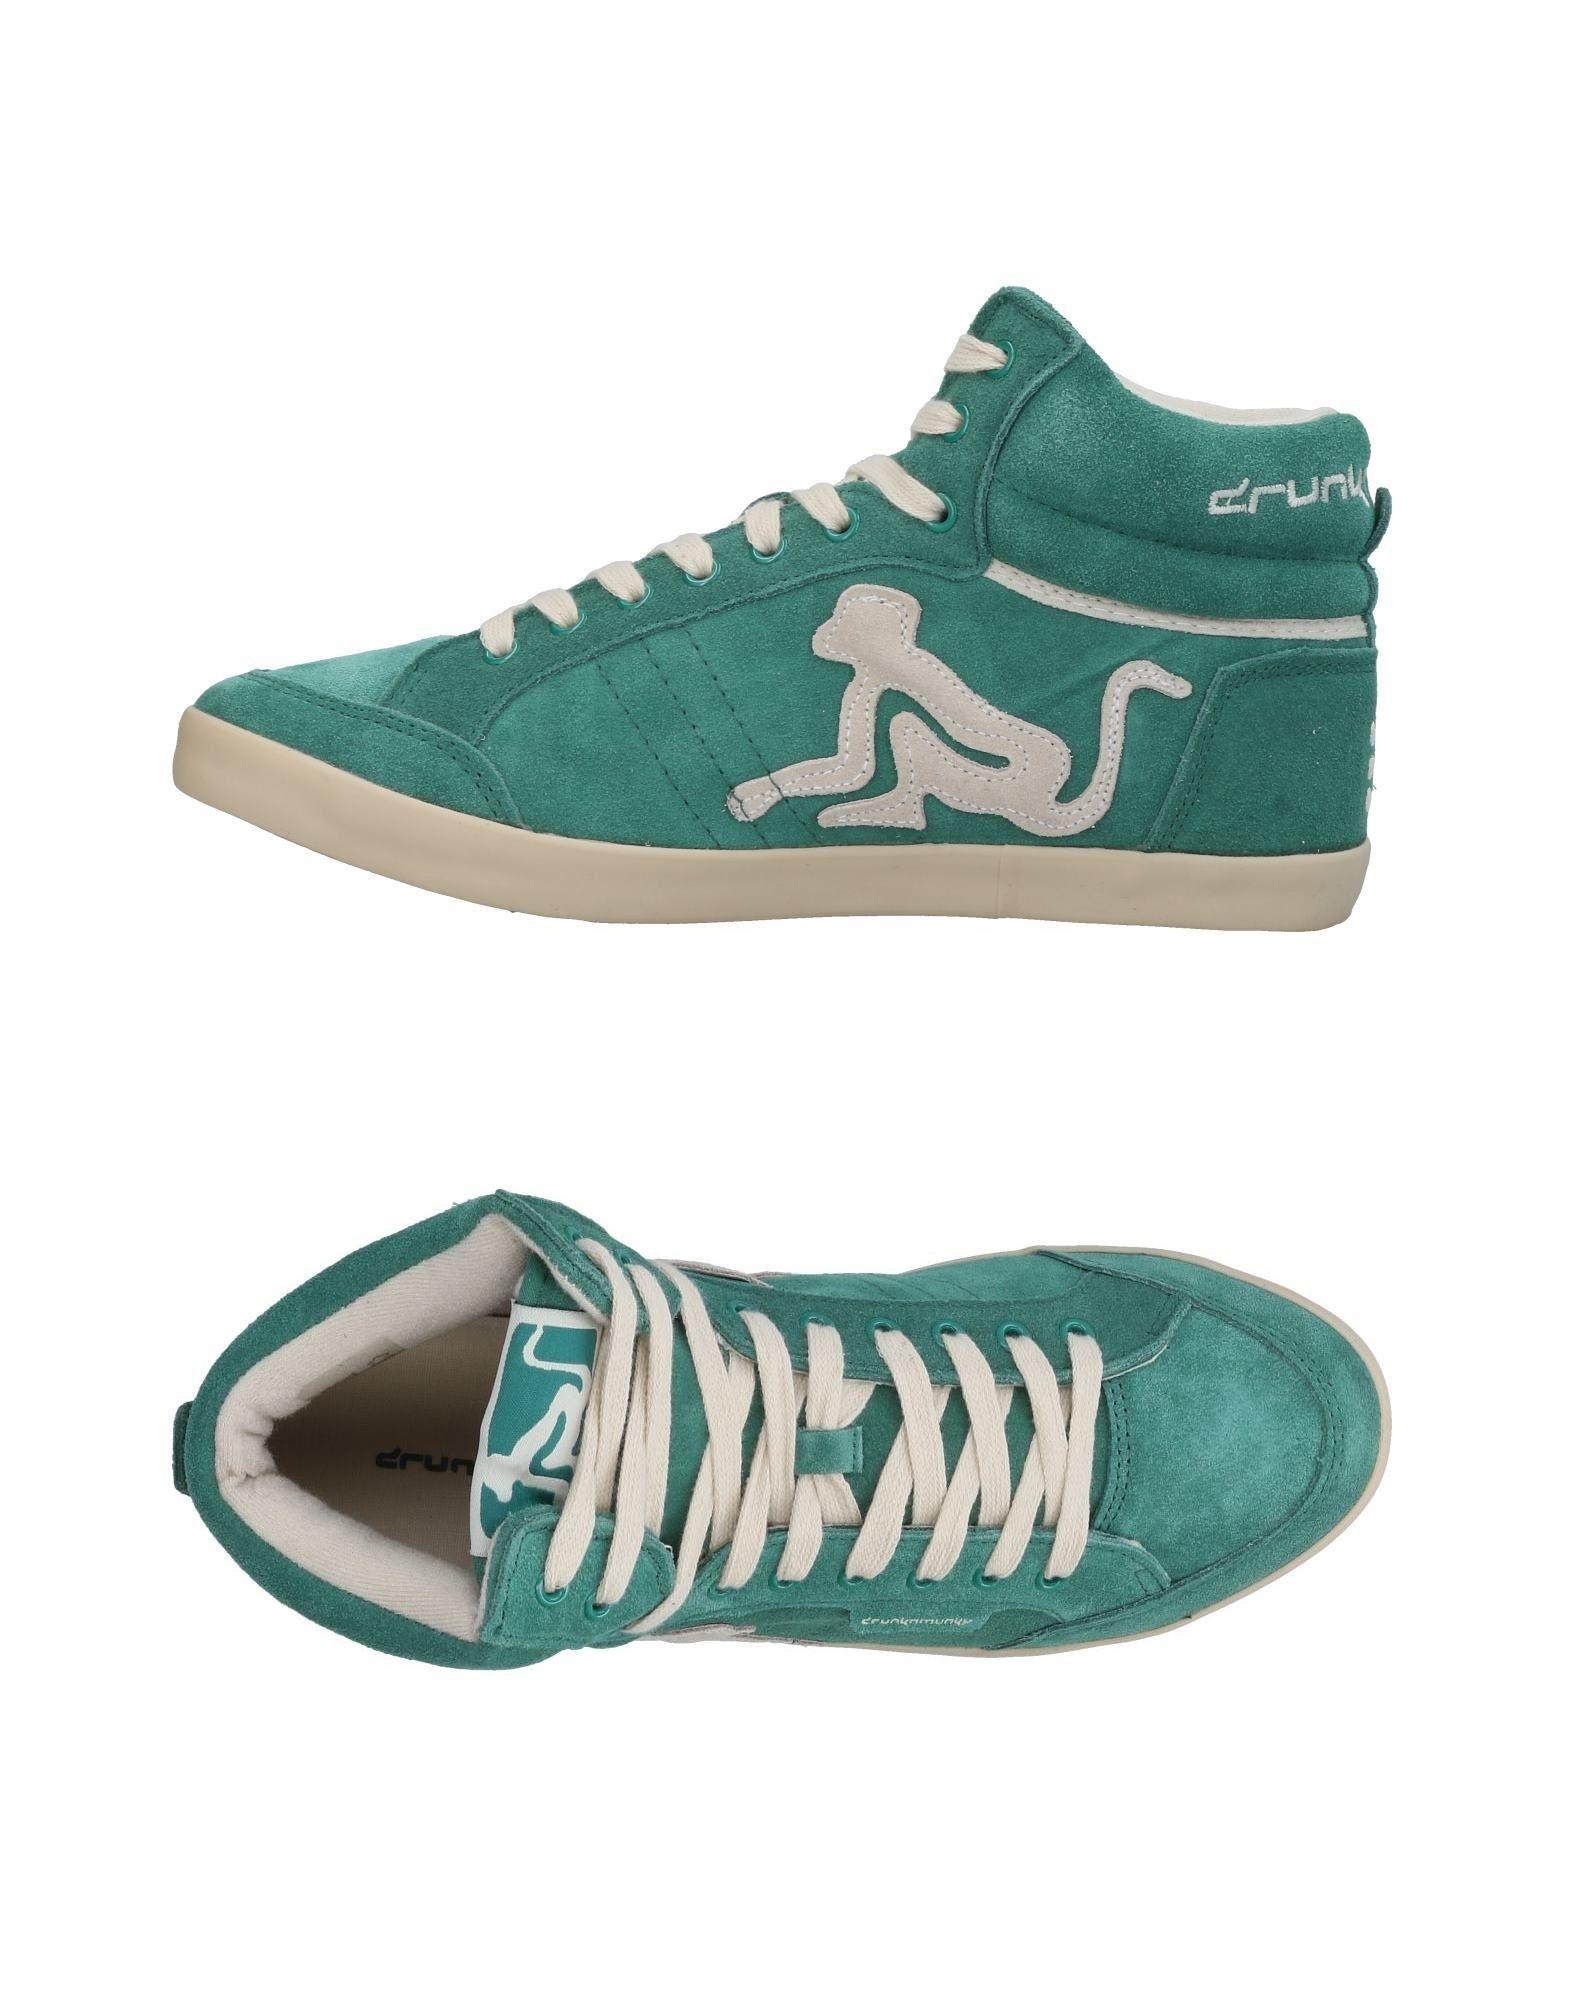 Rabatt echte Schuhe Drunknmunky Sneakers Herren  11449336XJ